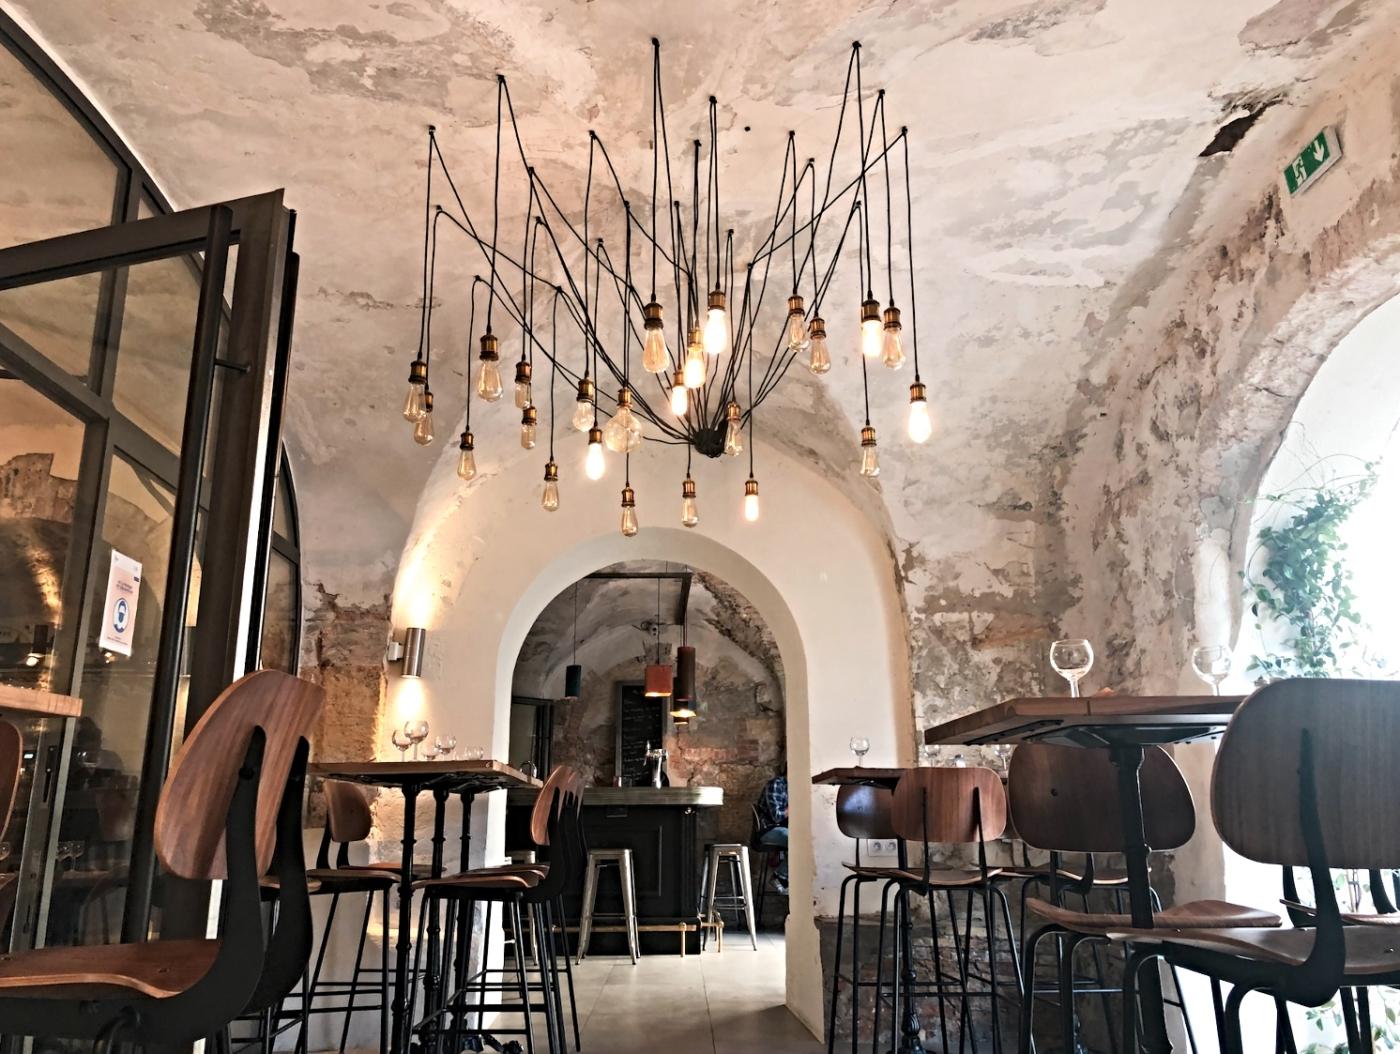 , Le Vertigo : une cuisine méditerranéenne inventive à deux pas du Vieux-Port, Made in Marseille